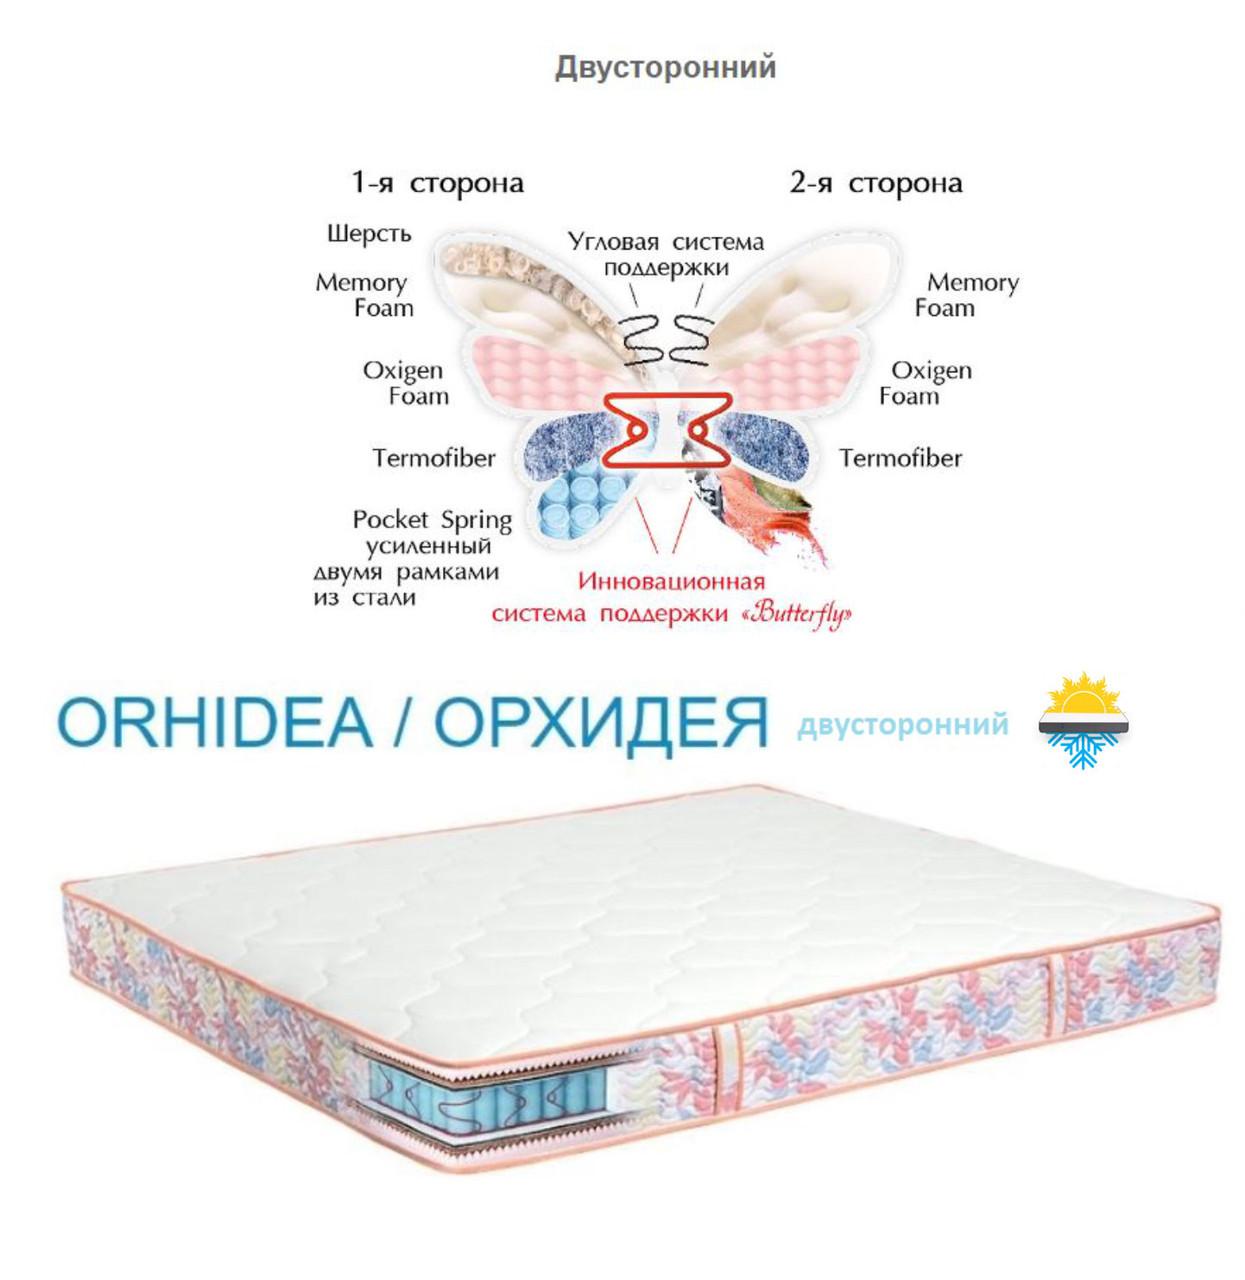 Матрас Орхидея зима лето двусторонний - Матрас Диван - мебельный интернет магазин в Киеве